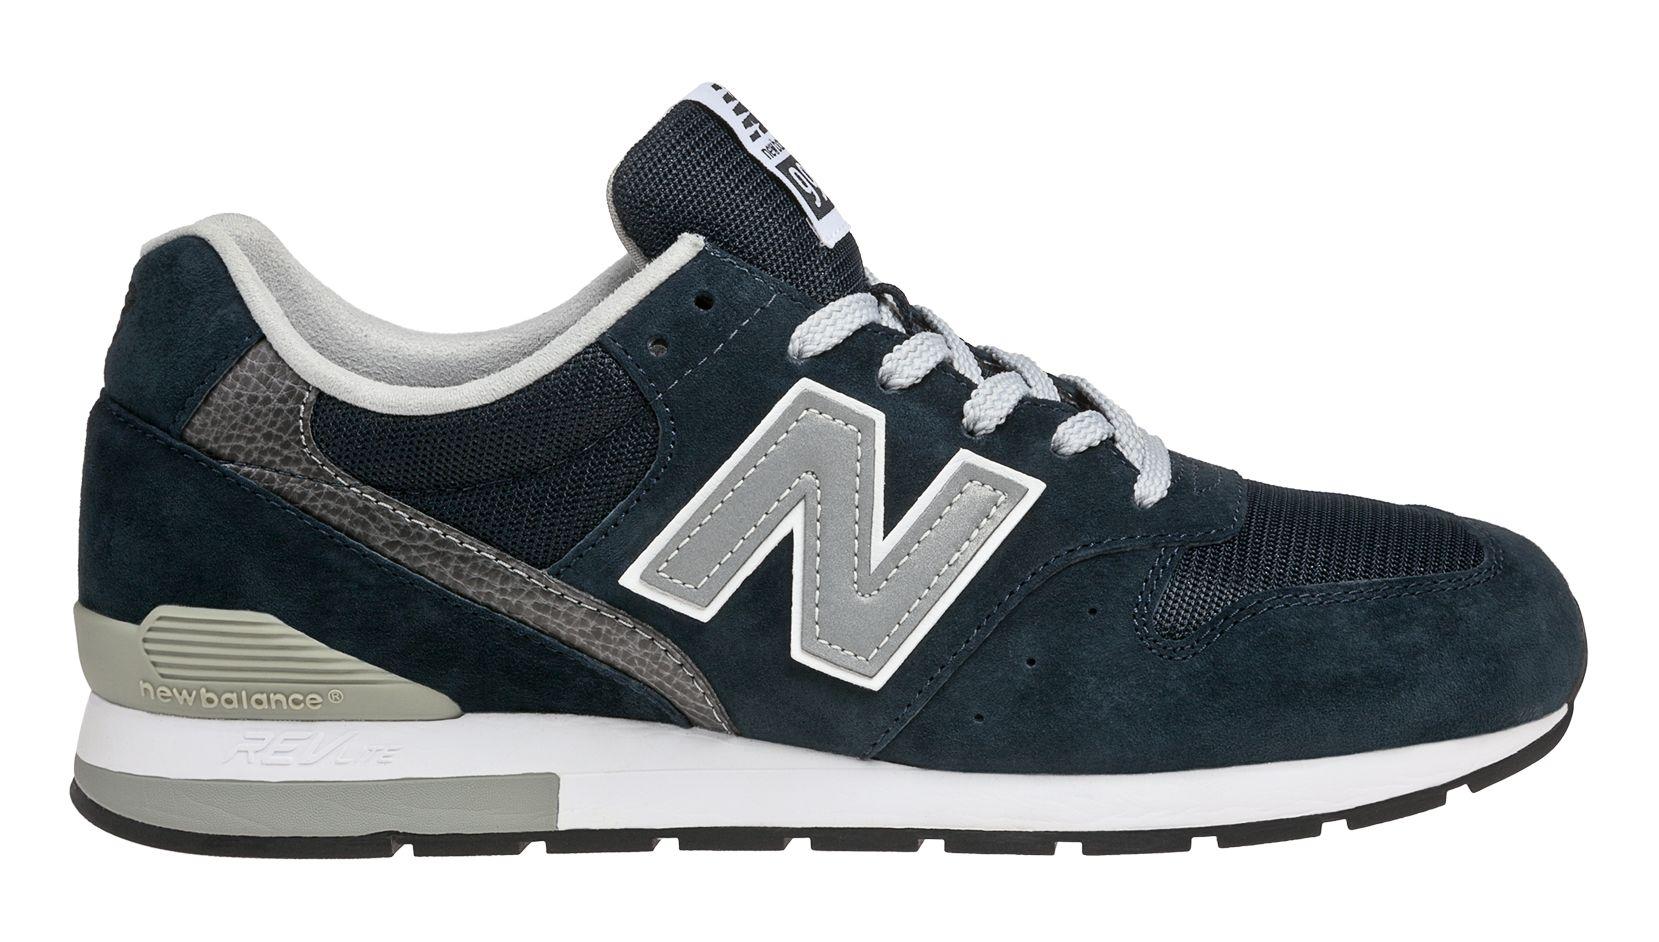 new balance revlite 996 grey